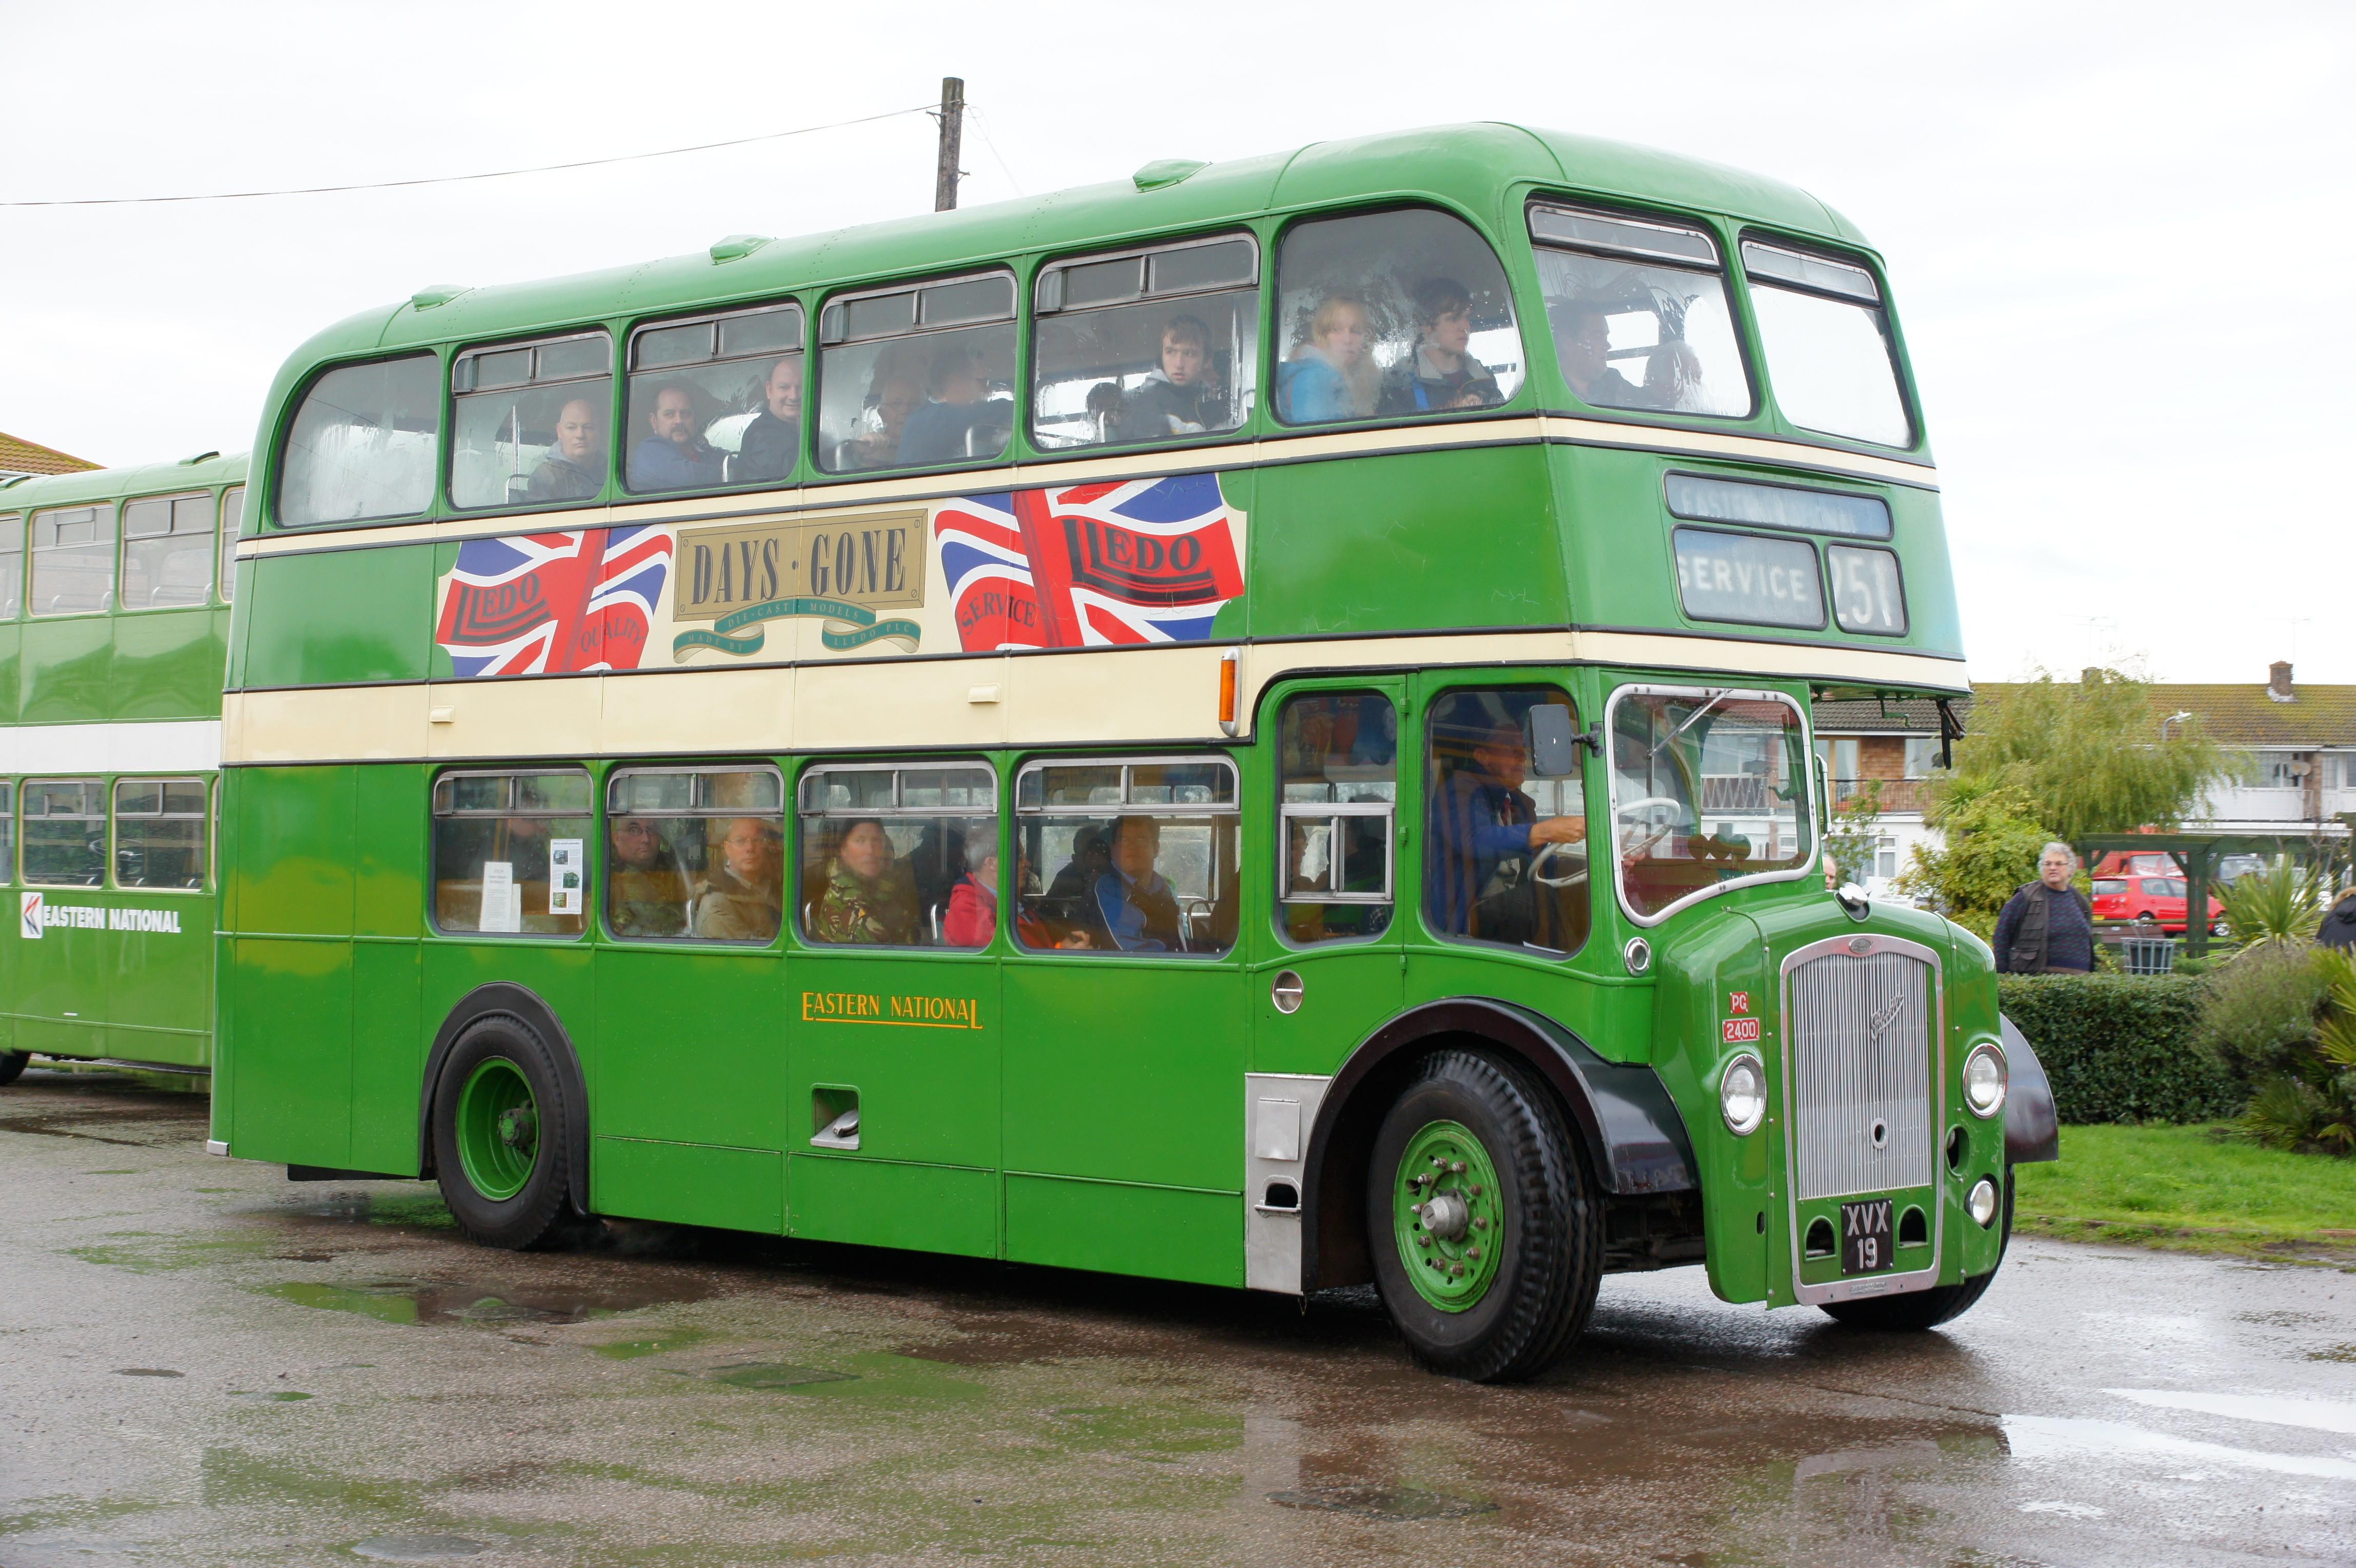 yeldham bus museum